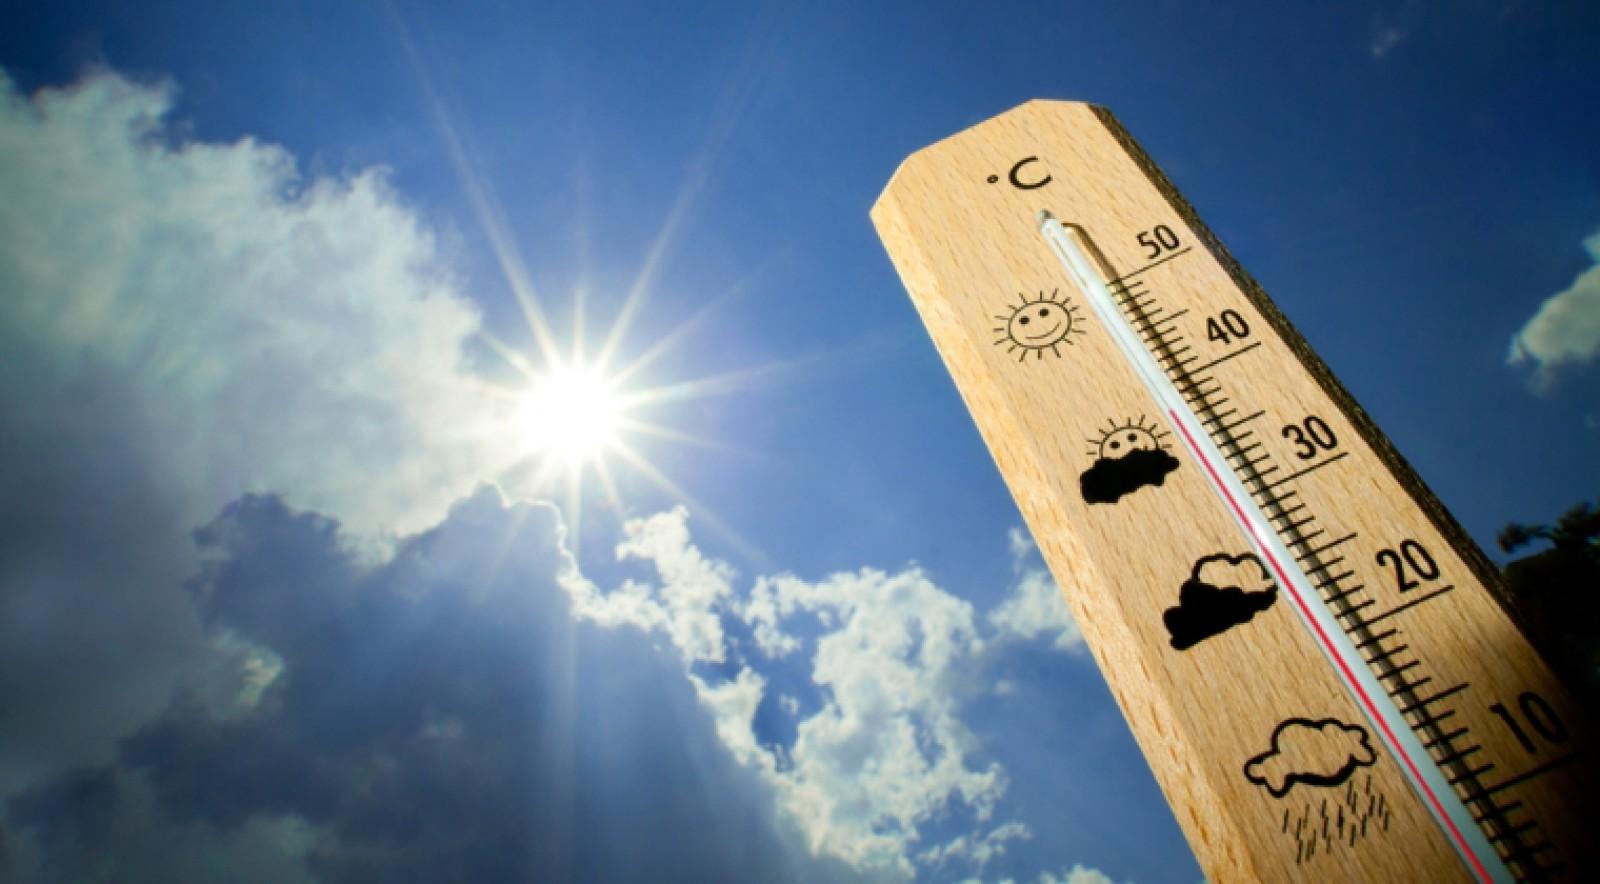 Recordul de căldură în Europa ar putea fi depăşit. Avertizări pentru turiștii moldoveni din Croația, Spania, Portugalia și Grecia